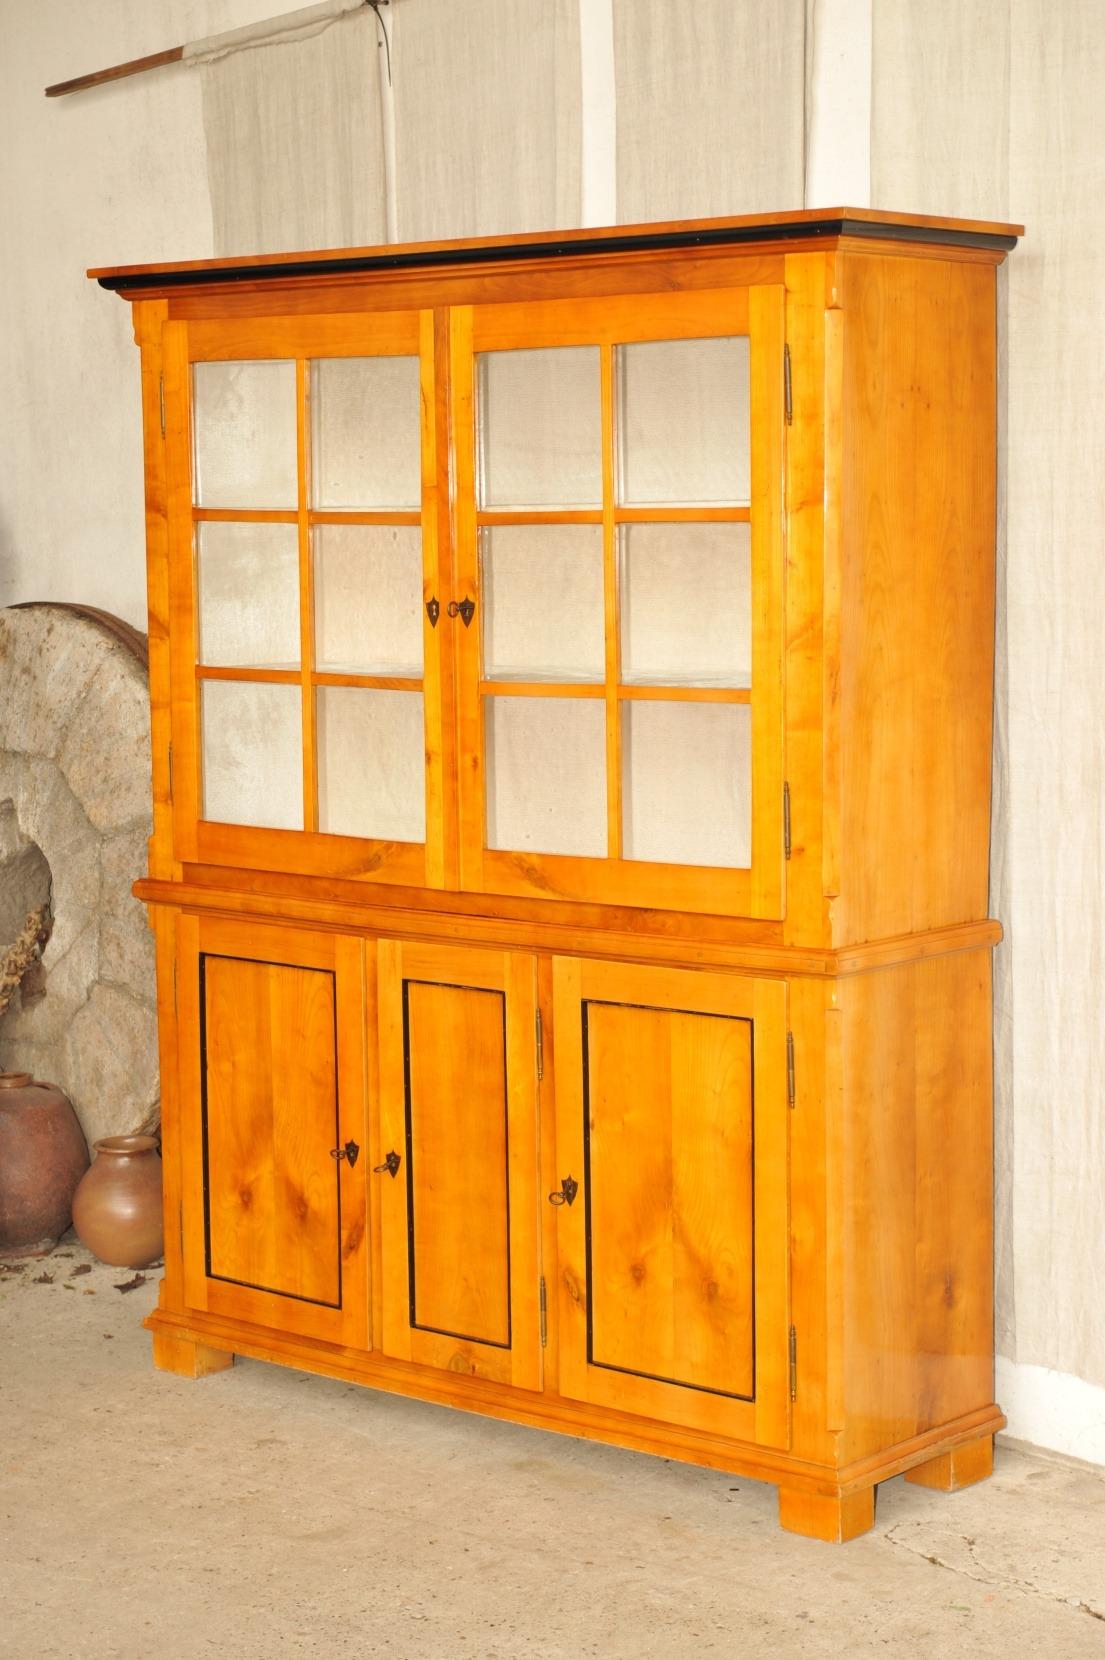 biedermeier anrichte mit vitrinenaufatz kirsche antik im hof. Black Bedroom Furniture Sets. Home Design Ideas